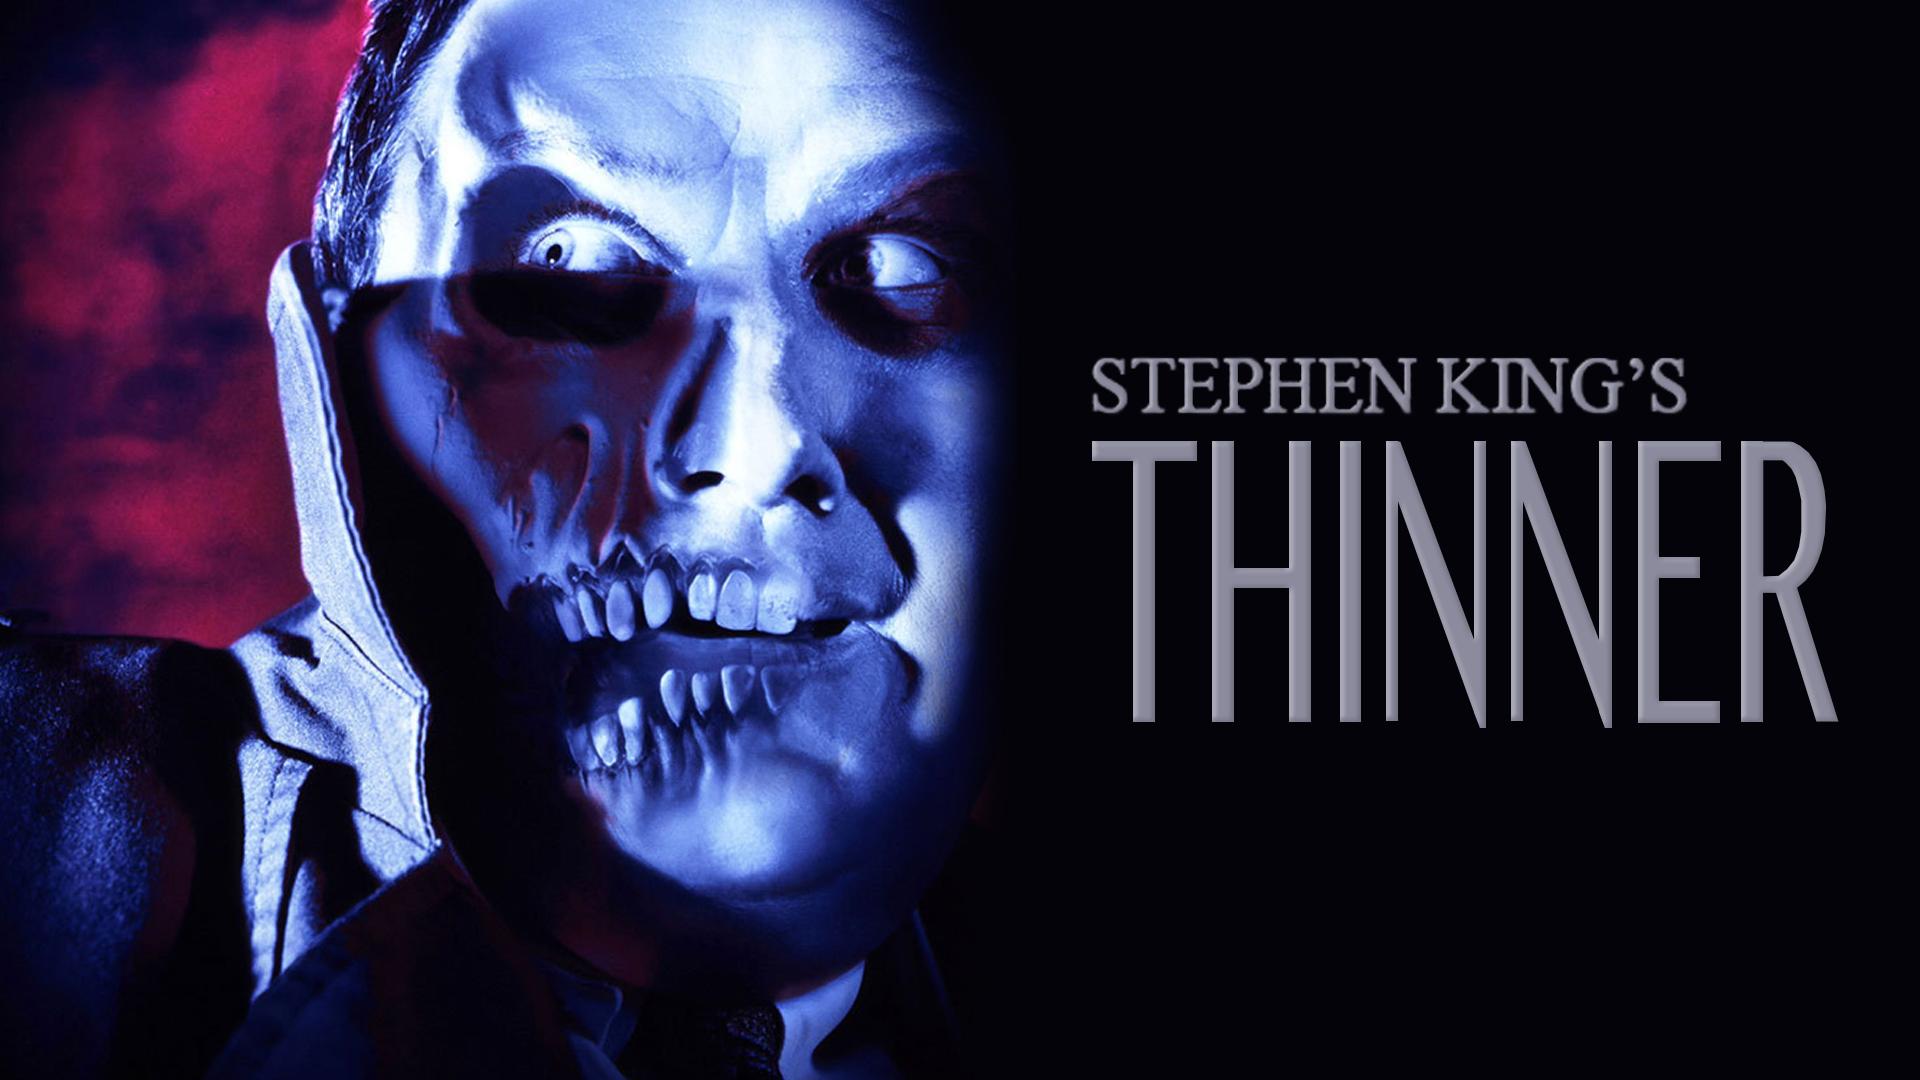 Stephen King's Thinner